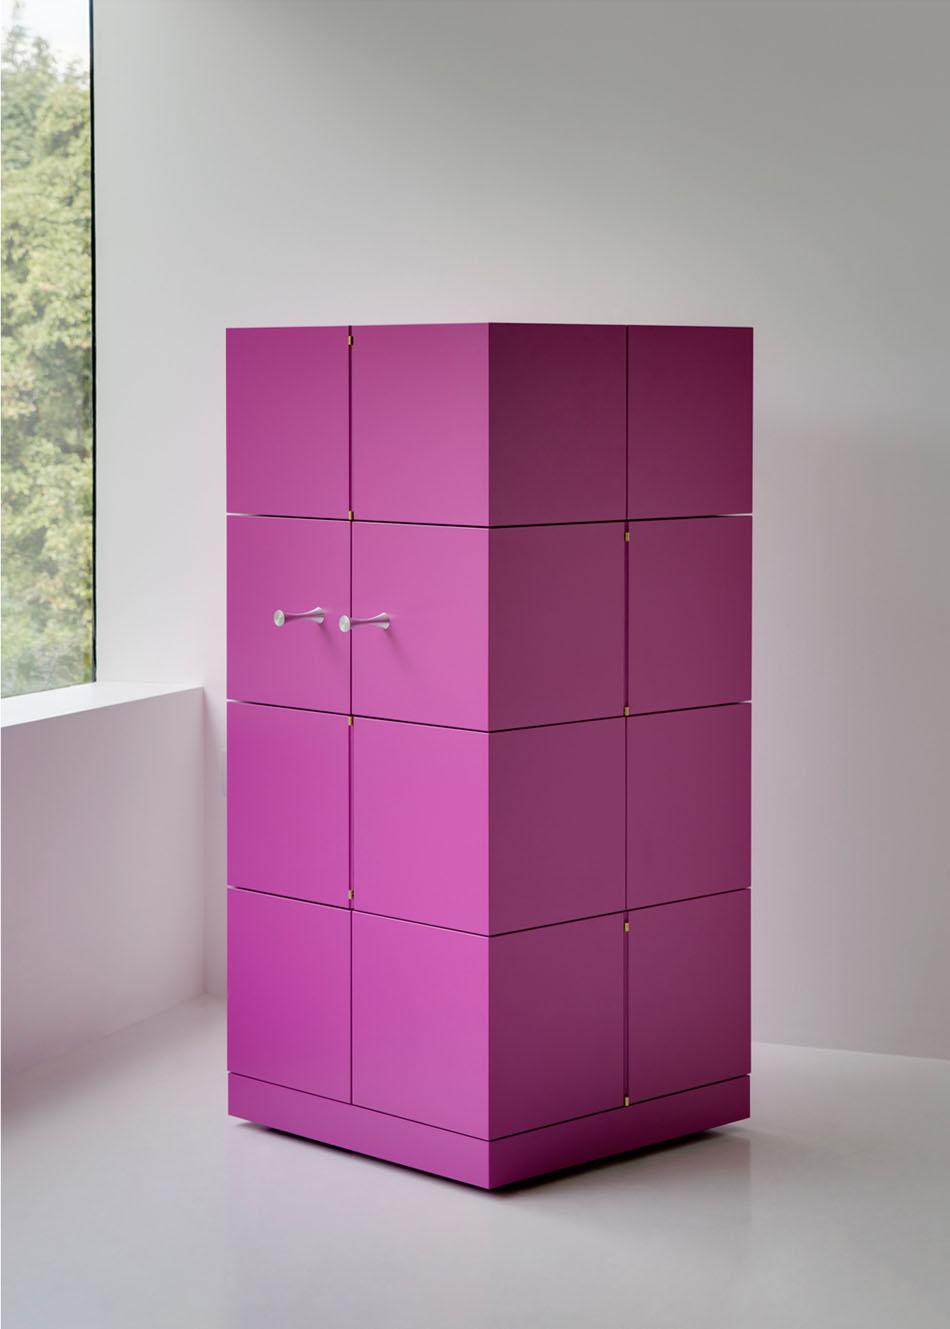 Дизайнерский шкаф в интерьере дома: Cubrick Sixteen